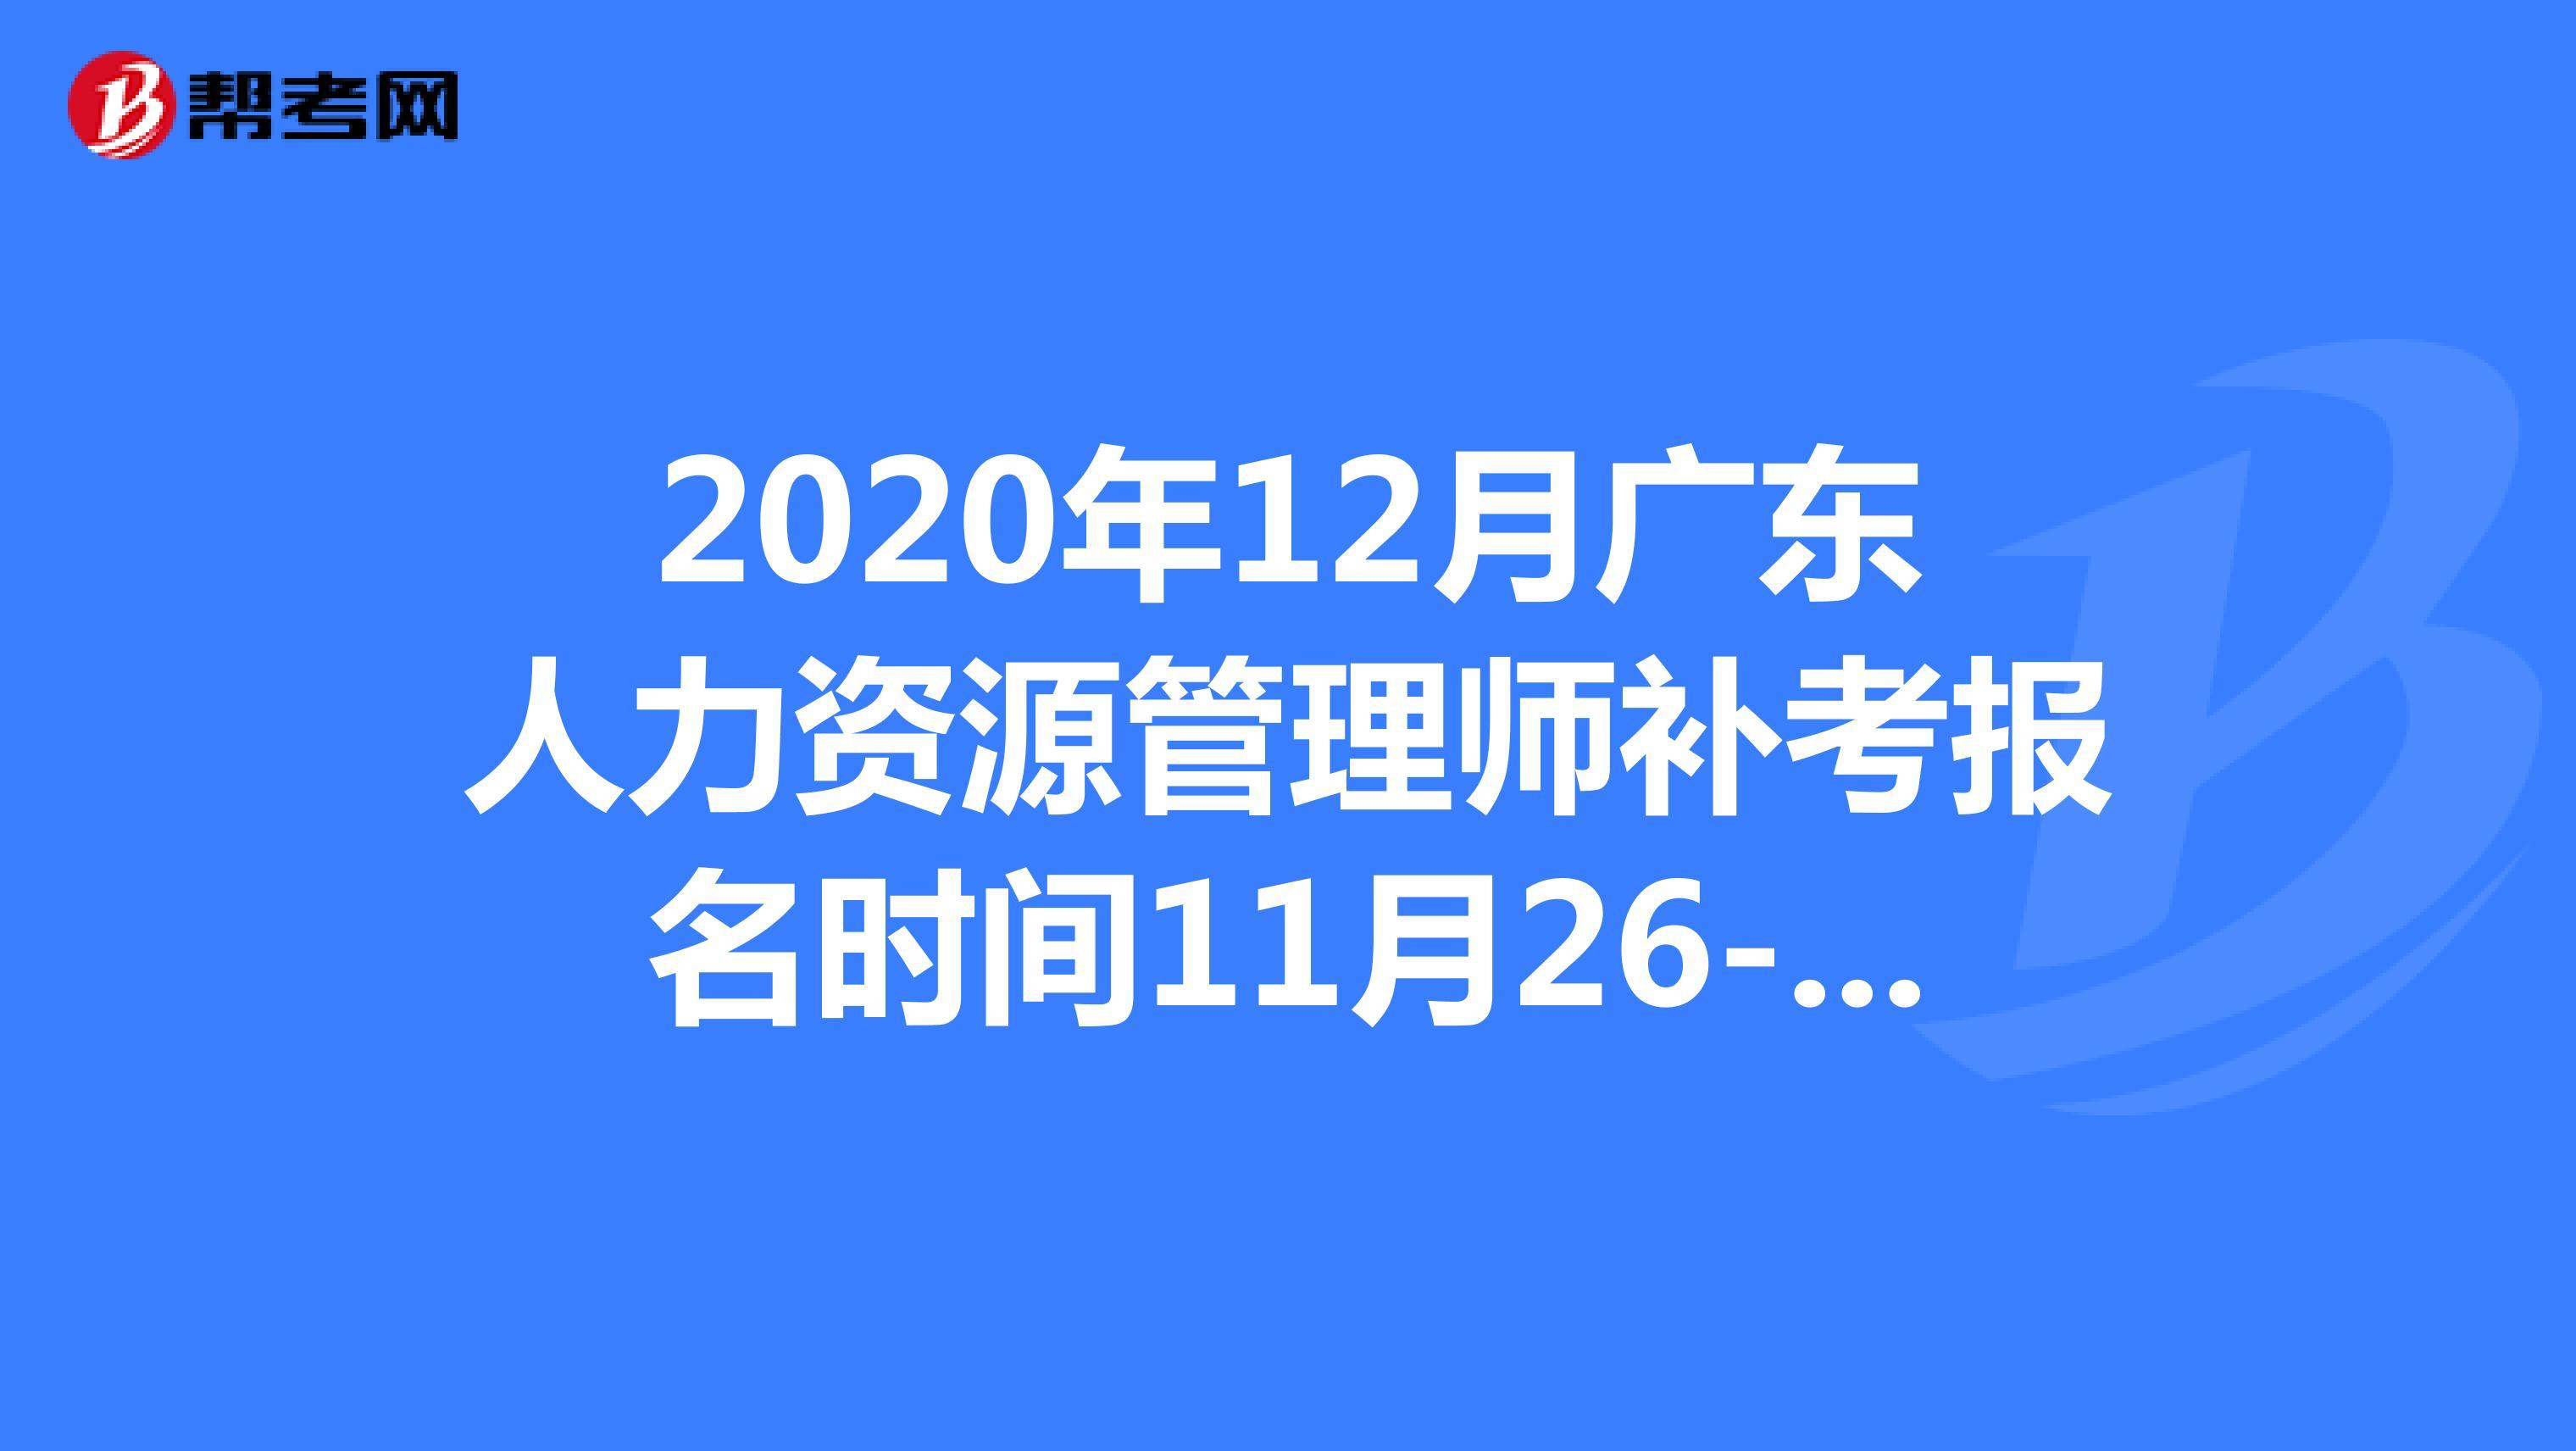 2020年12月廣東人力資源管理師補考報名時間11月26-12月3日!